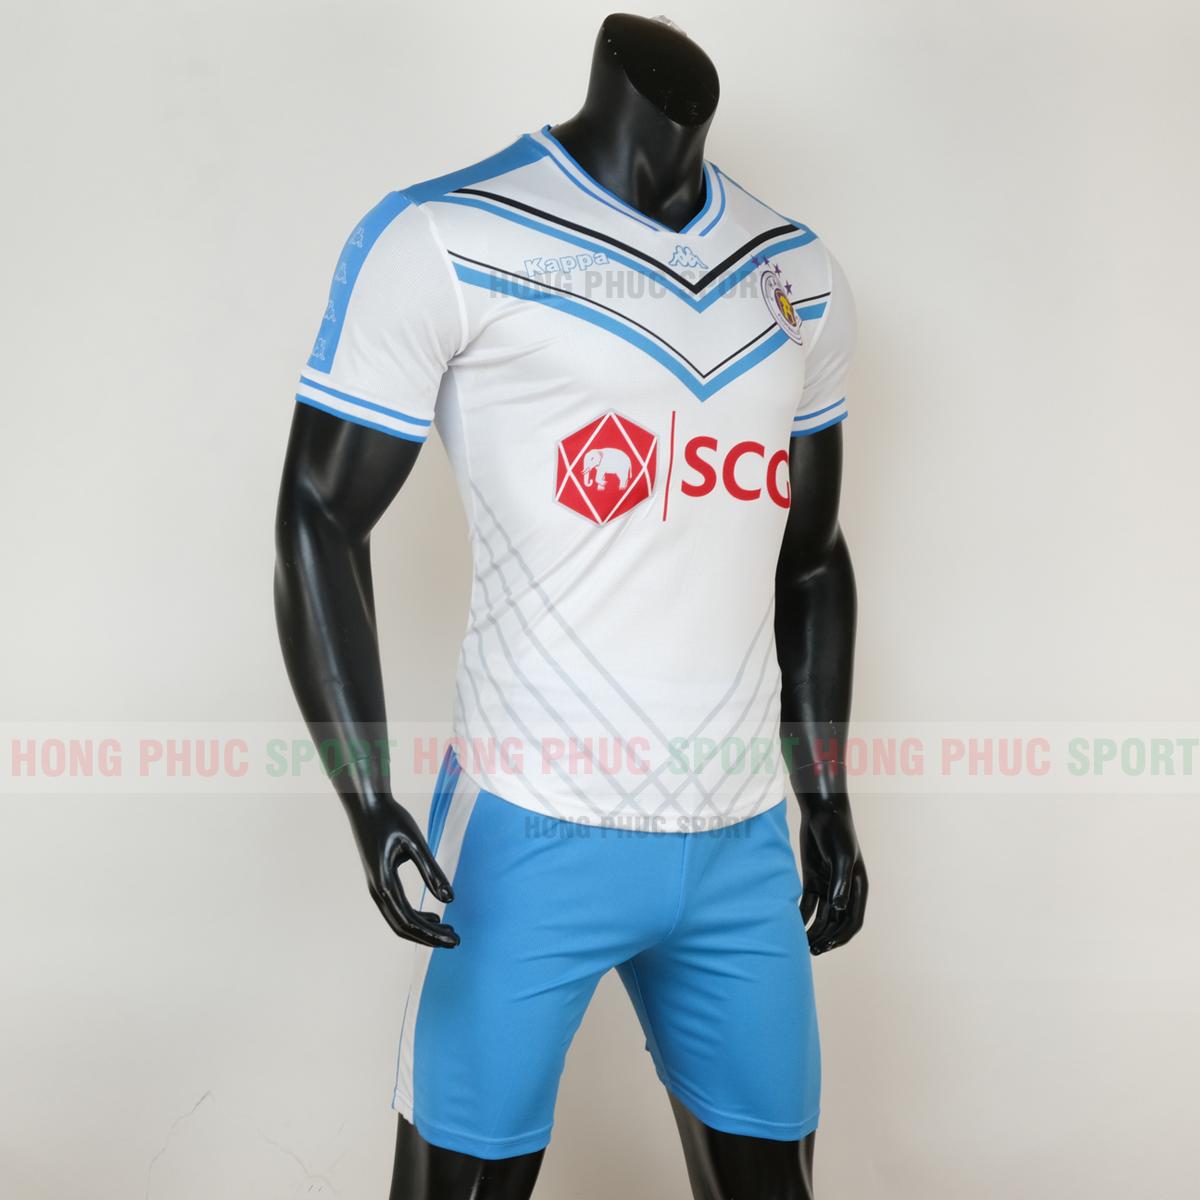 Áo đá bóng Hà Nội sân khách 2020 2021 màu trắng sọc xanh